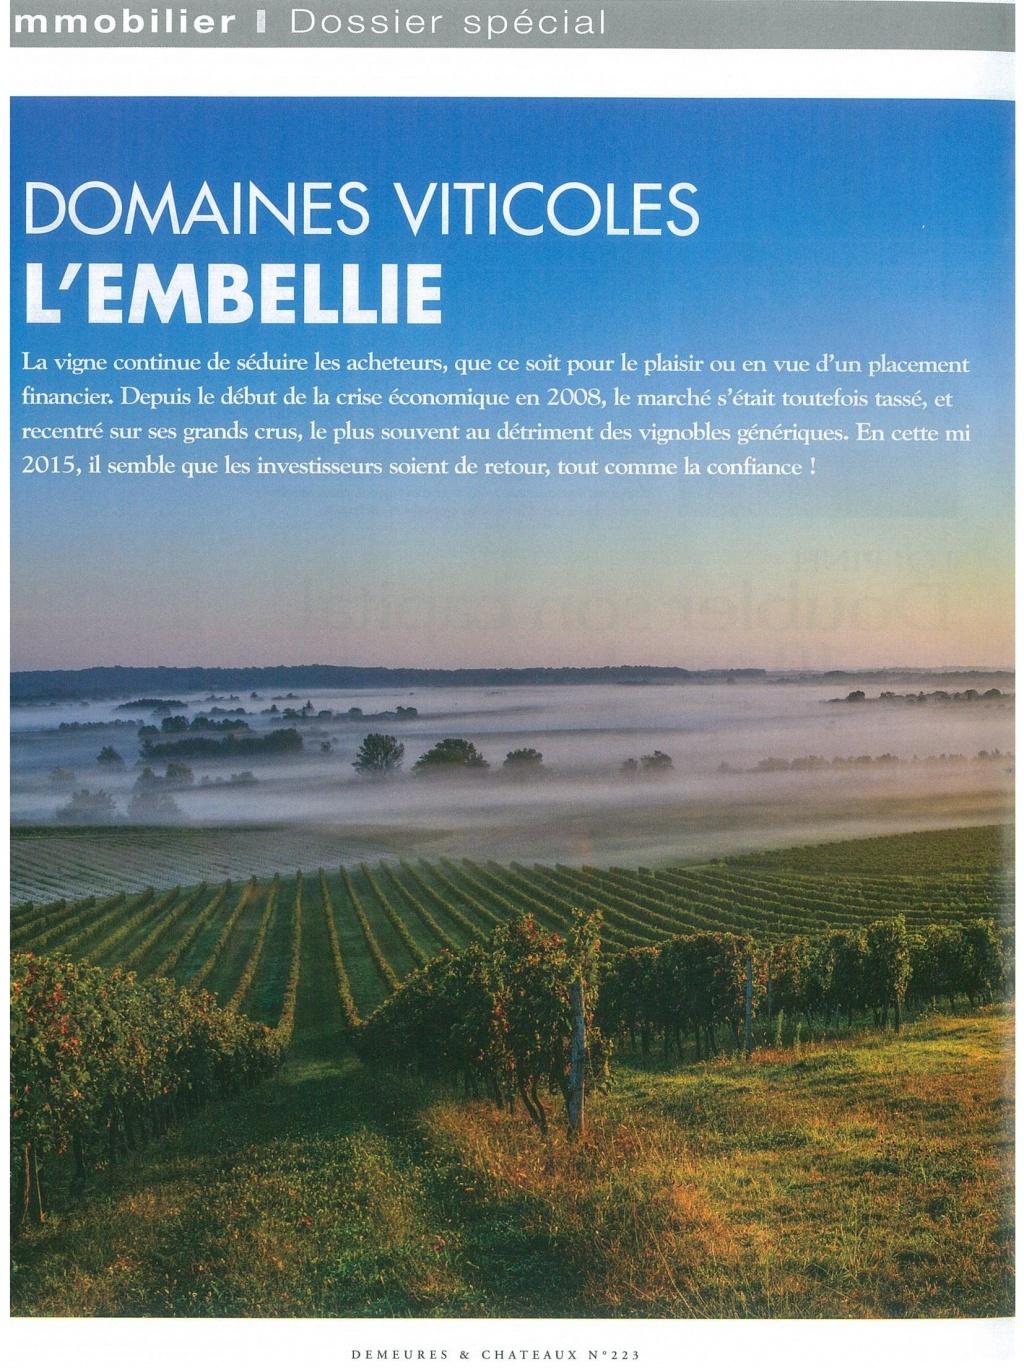 Domaines viticoles, l'embellie